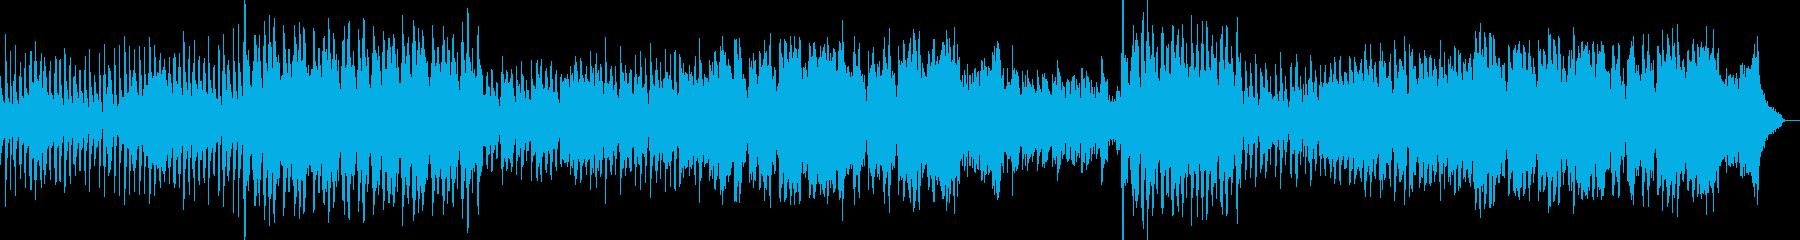 レトロて温もり感じるワルツの再生済みの波形